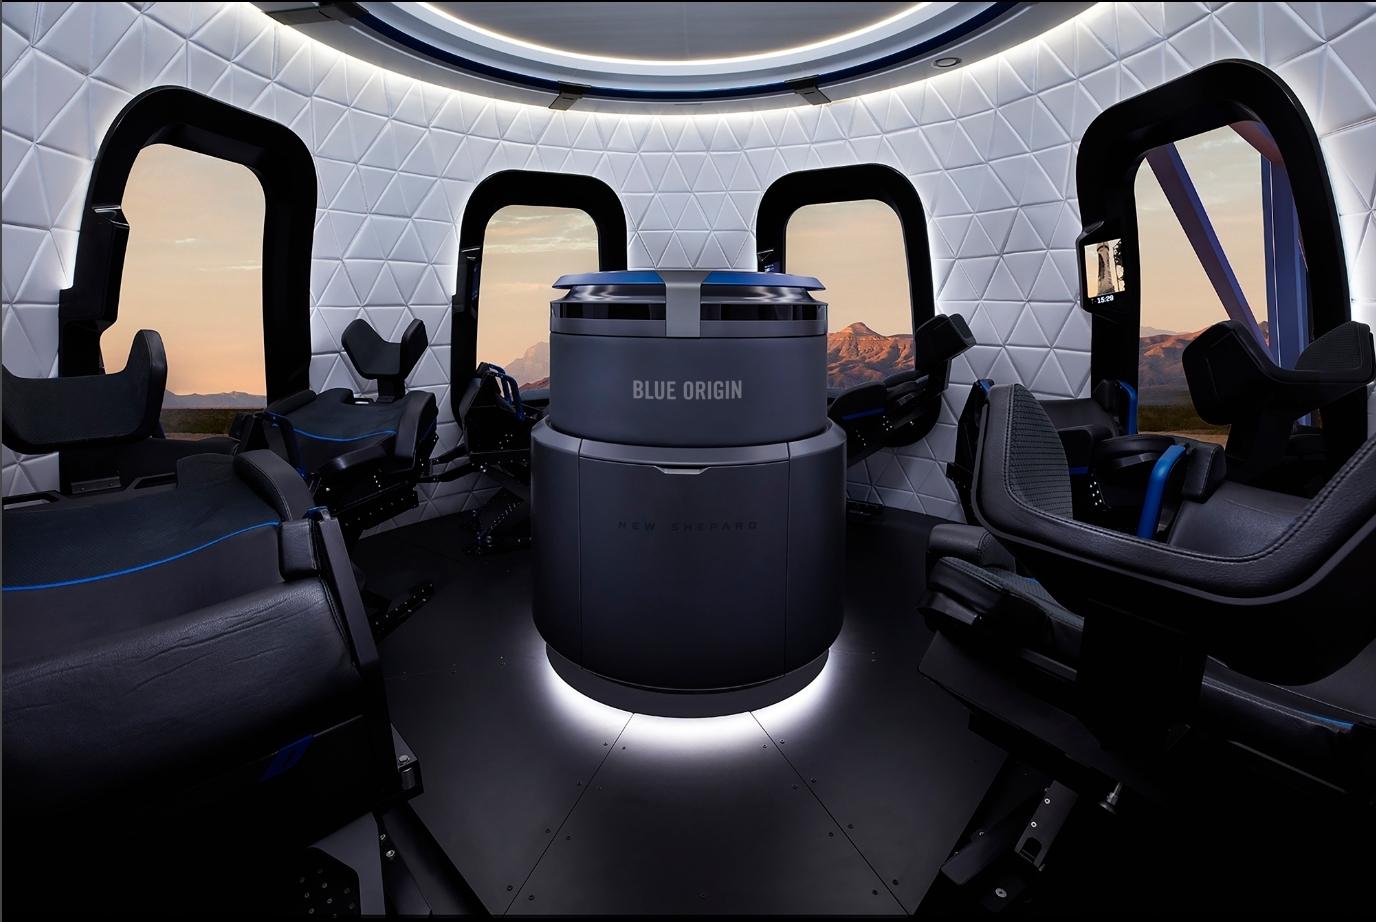 Capsule Interior / Blue Origin